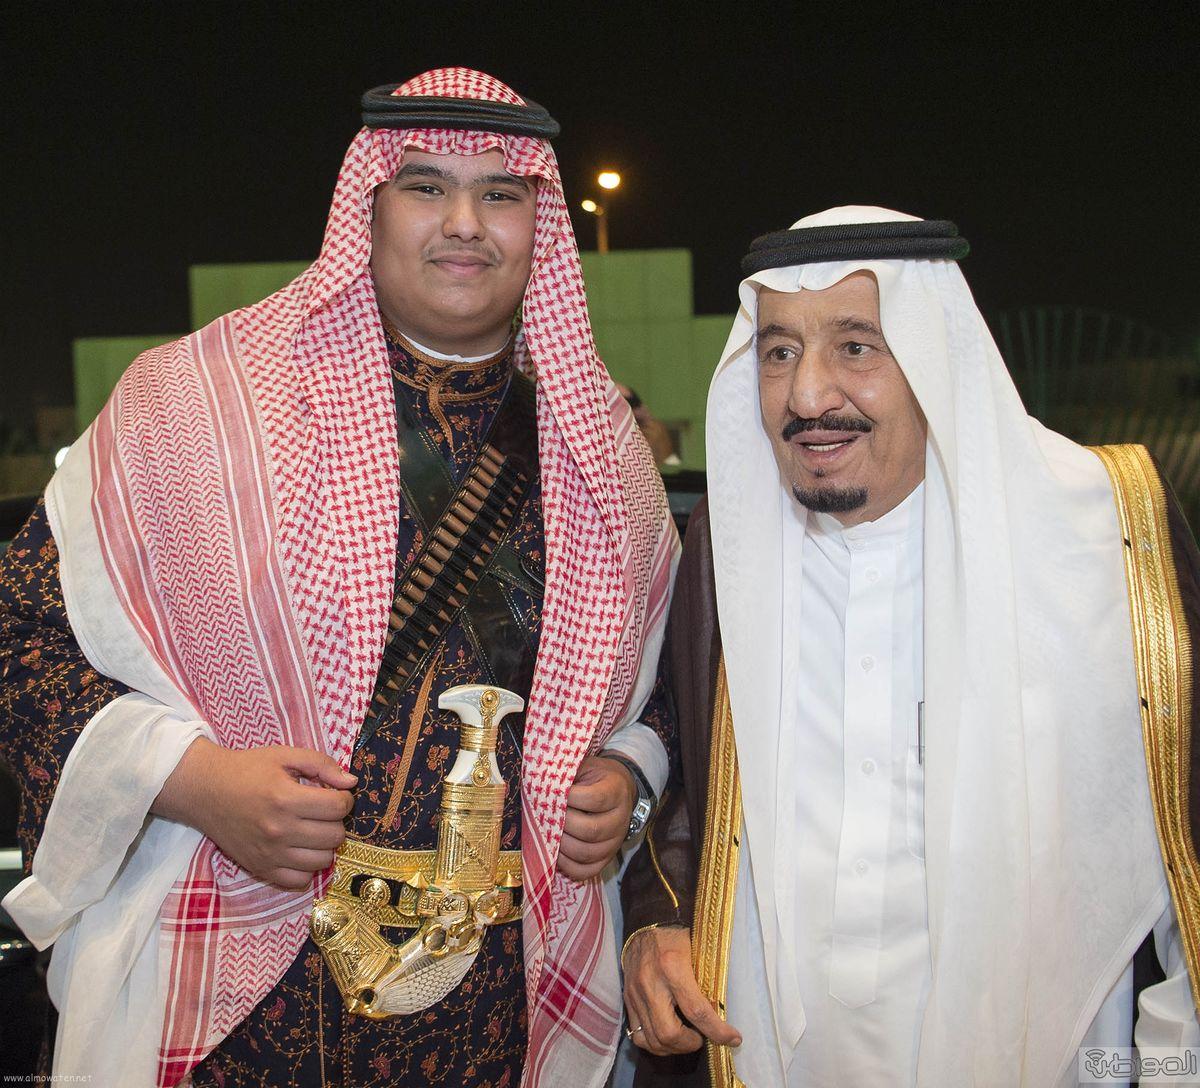 محمد بن نايف بن عبد العزيز